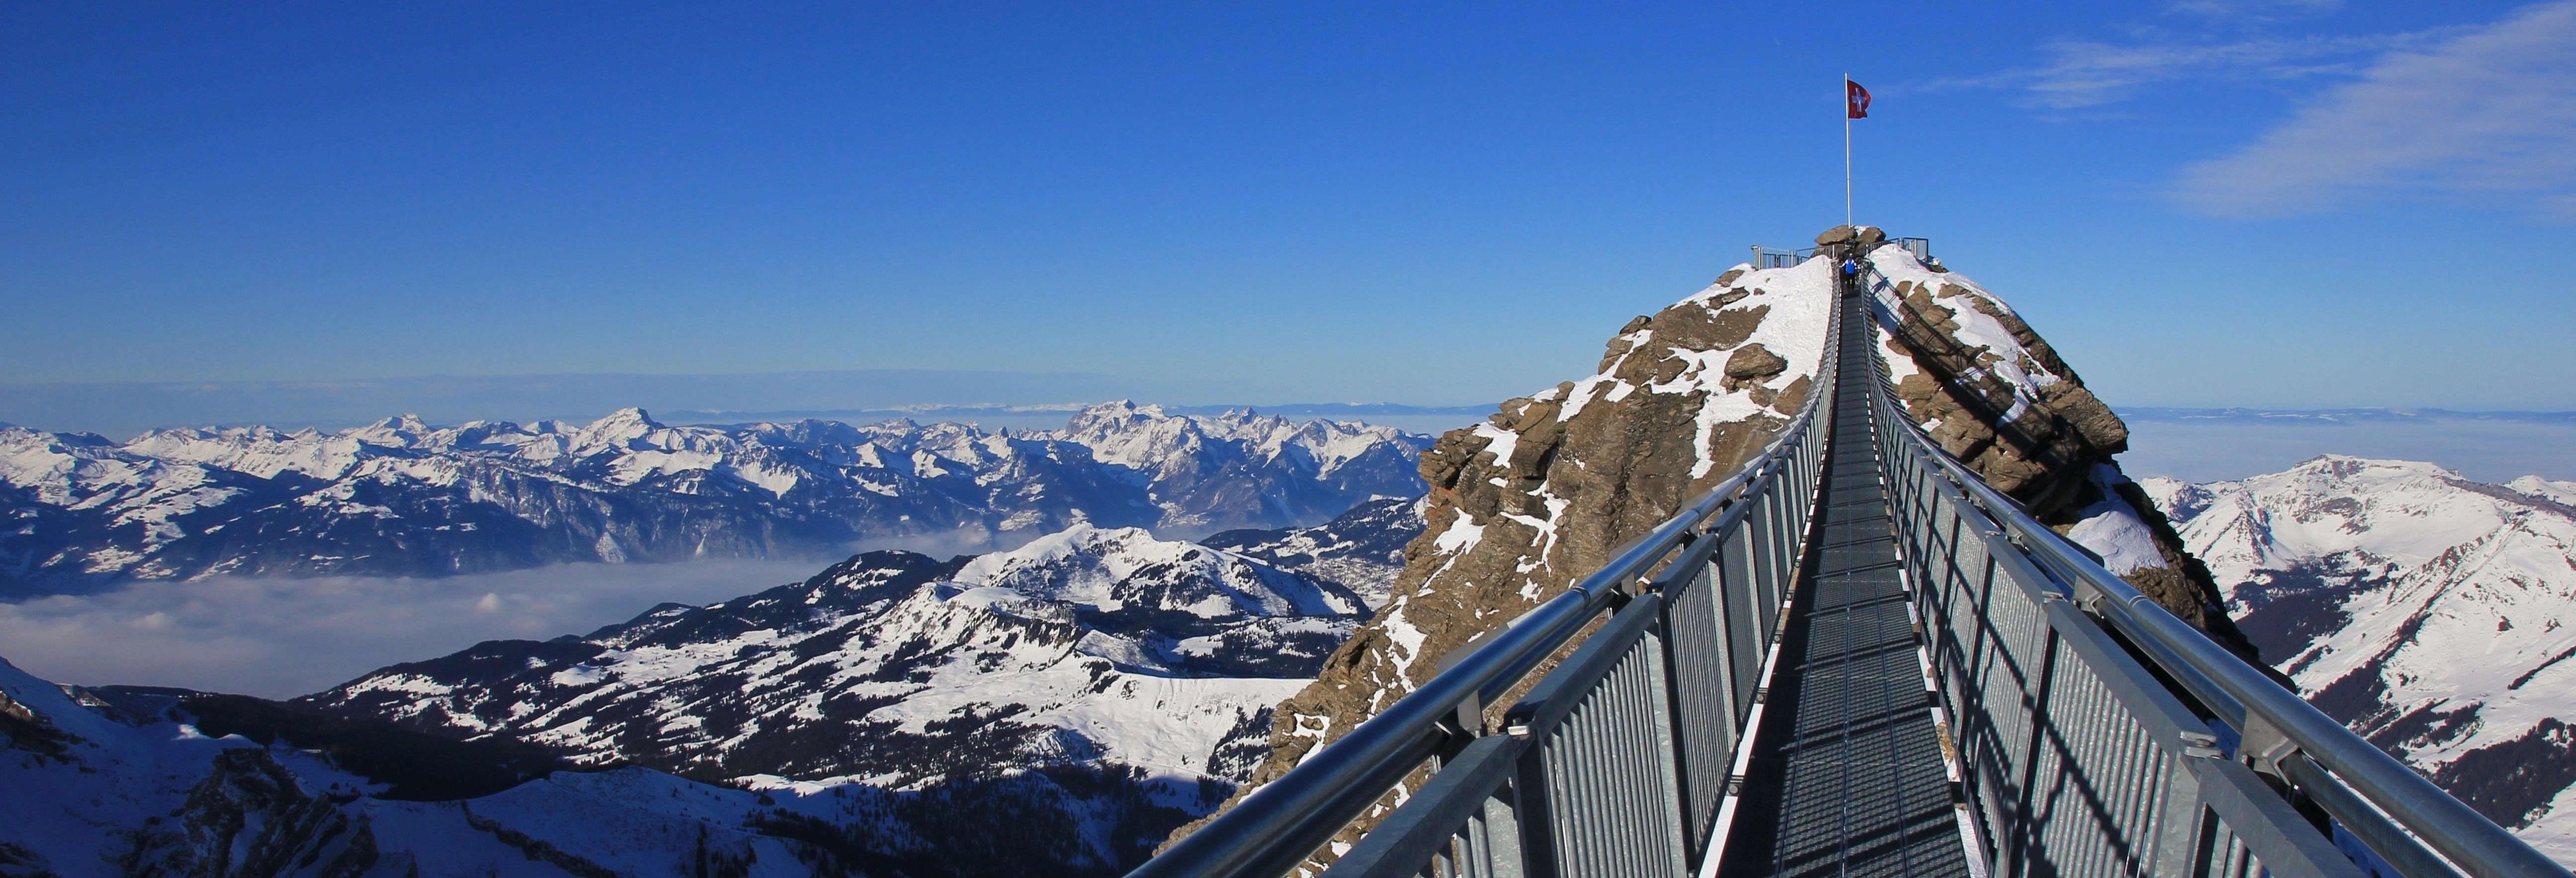 Entrada al Glacier 3000 con acceso al teleférico, telesilla y mirador